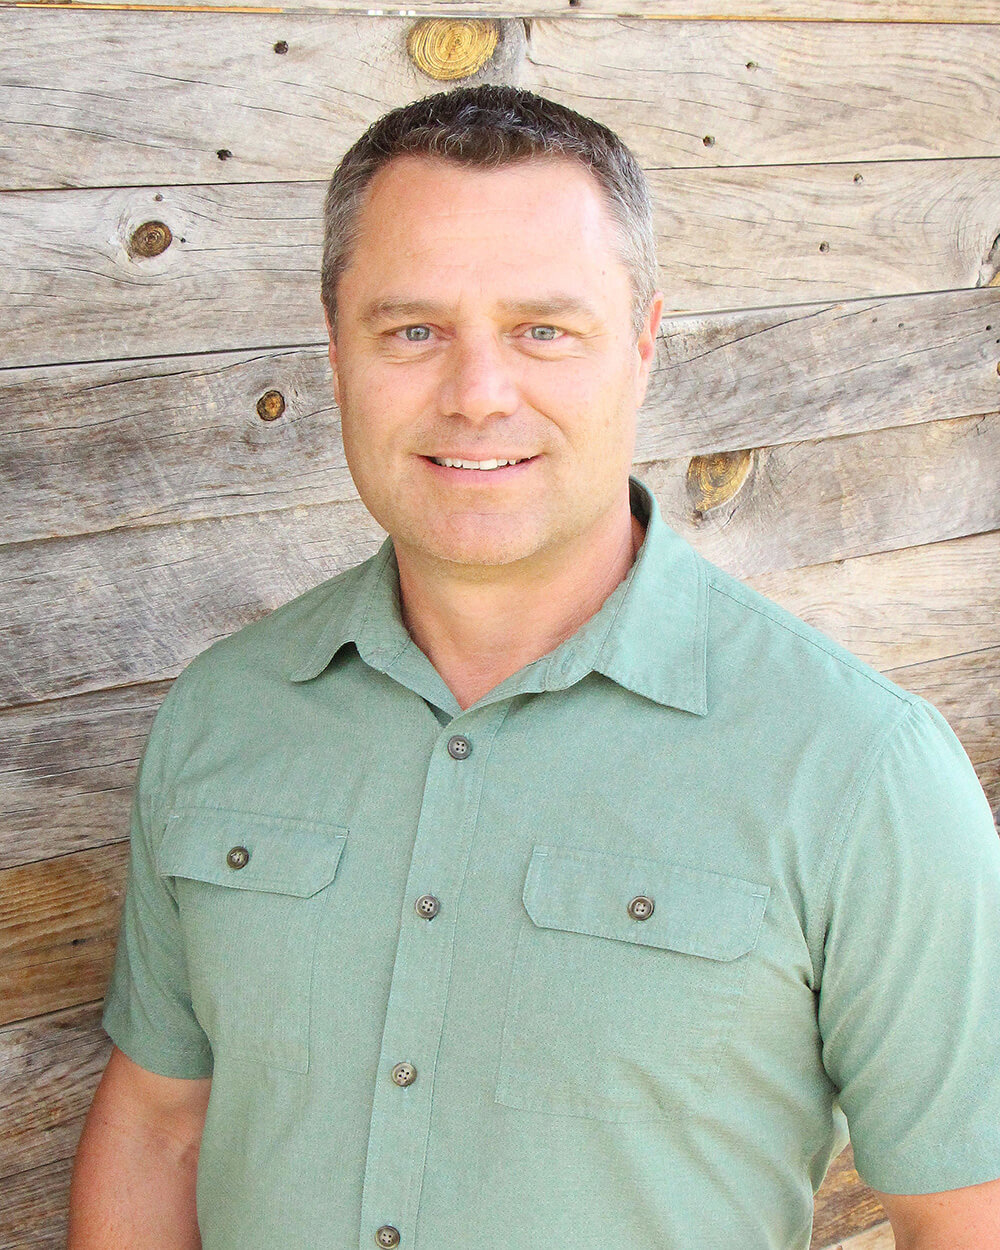 Dick Bell - CPA, CVA, Managing Partner